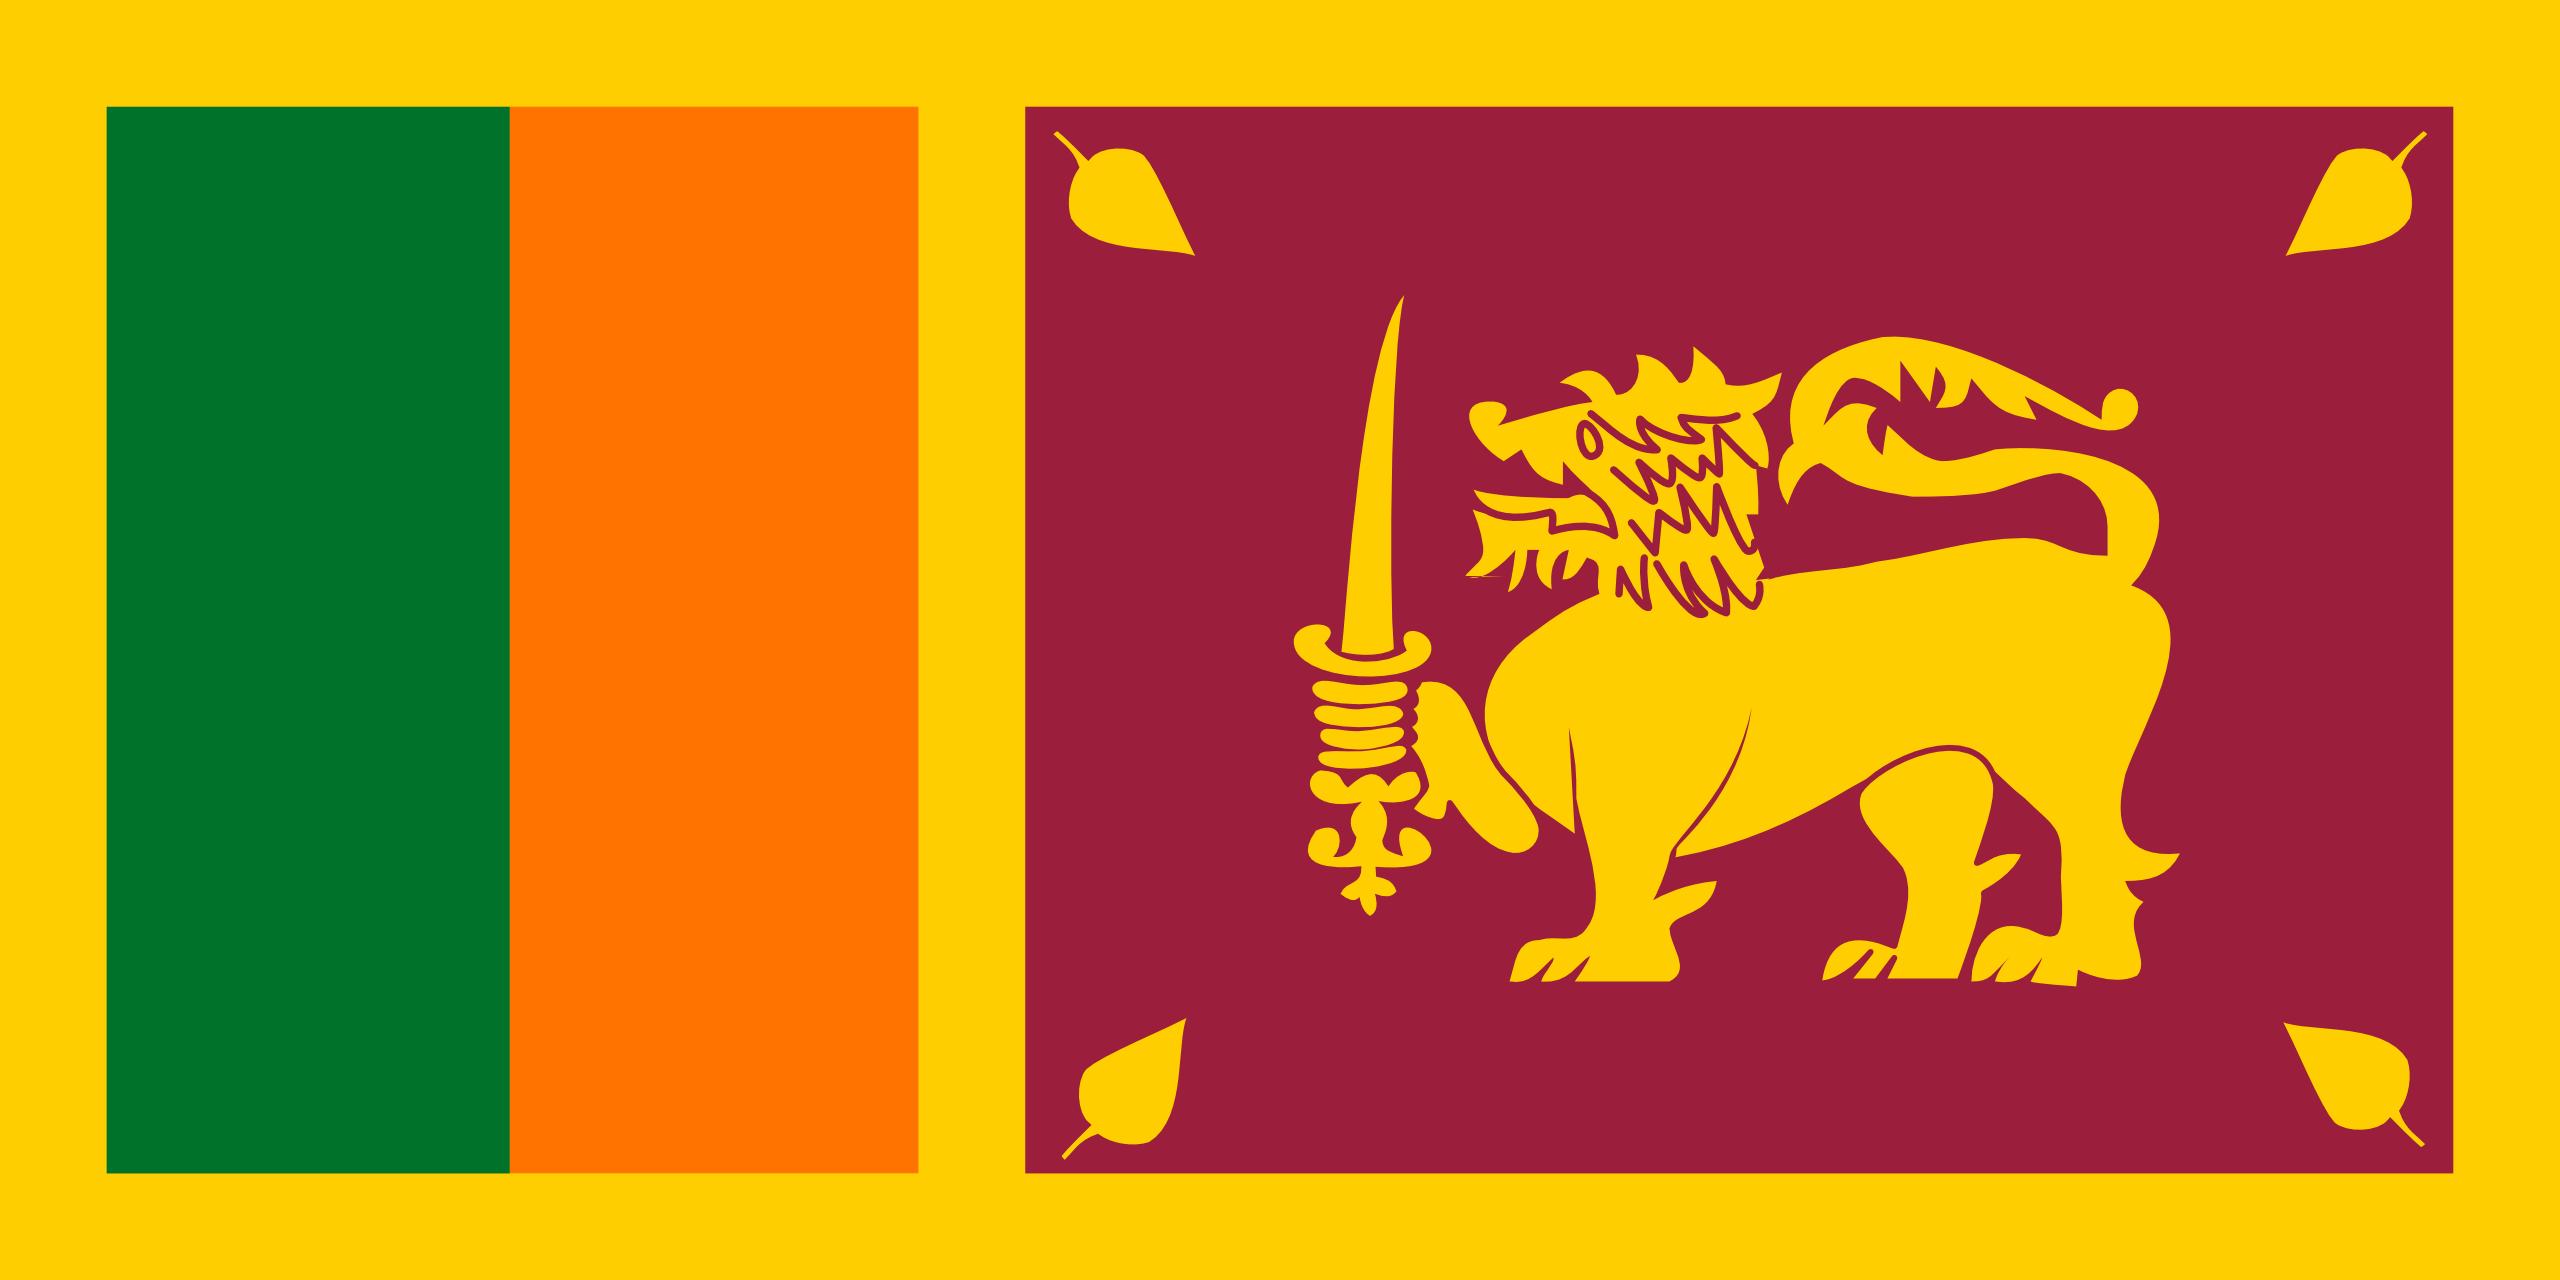 Так выглядит флаг страны